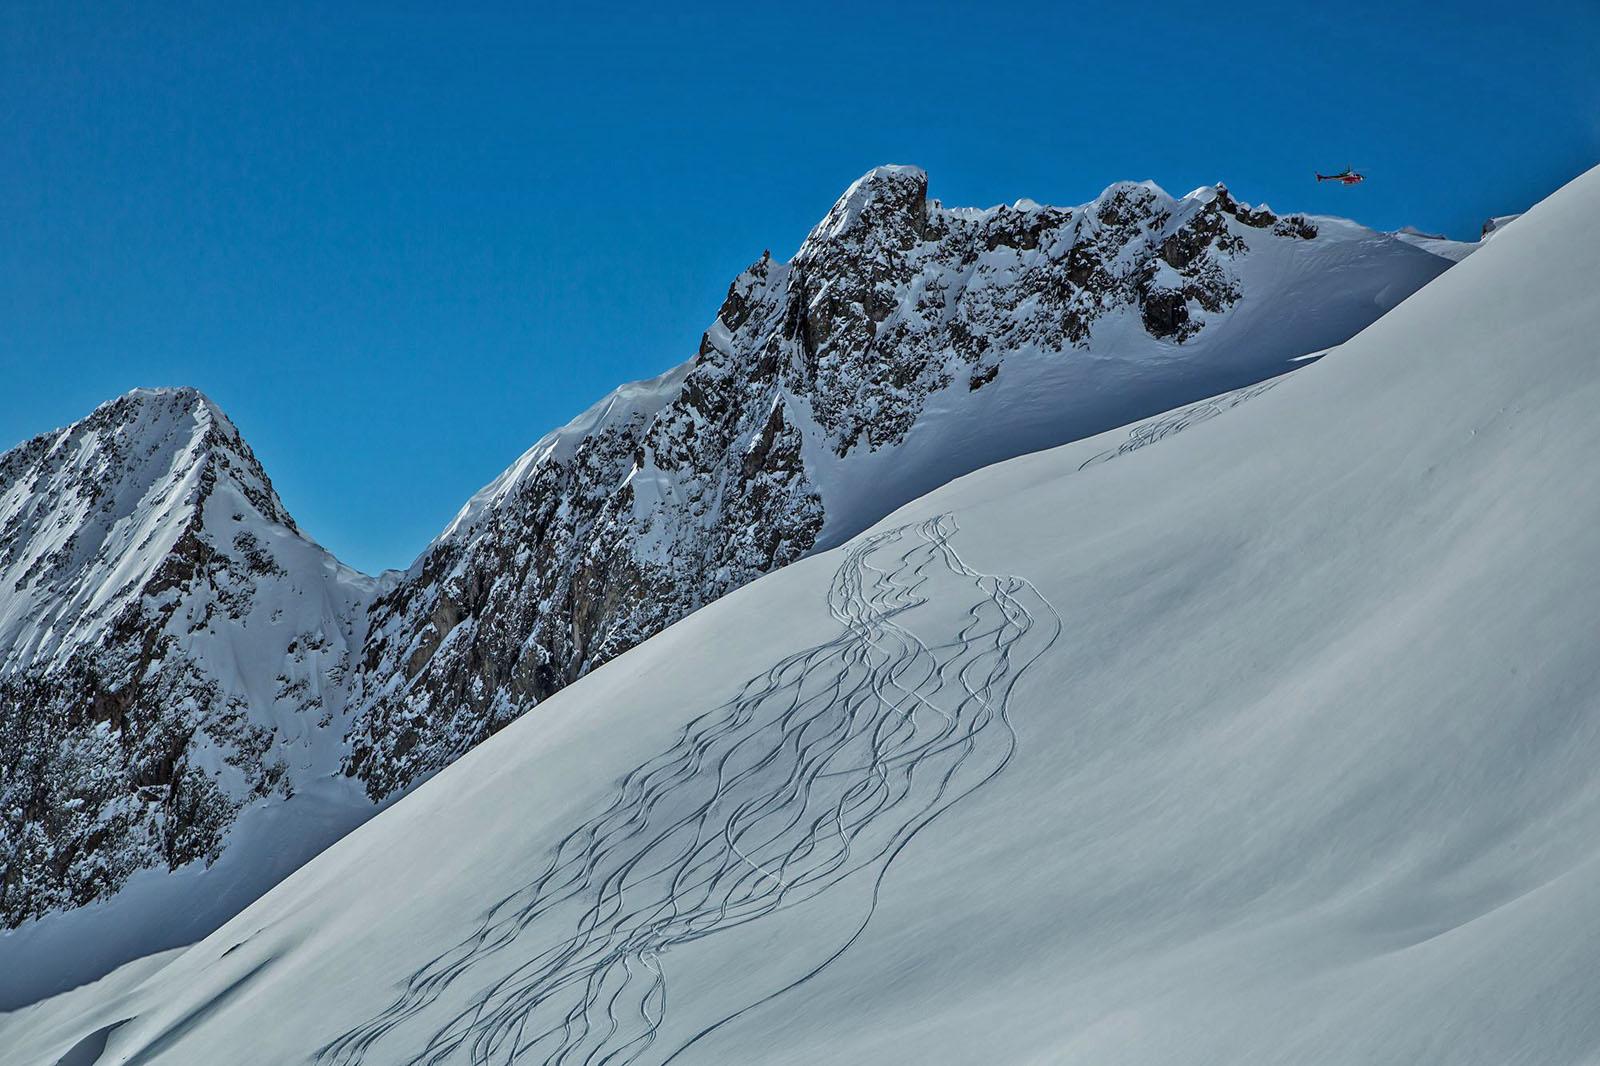 zuba-ski-courmayeur-freeride-day-001.jpg